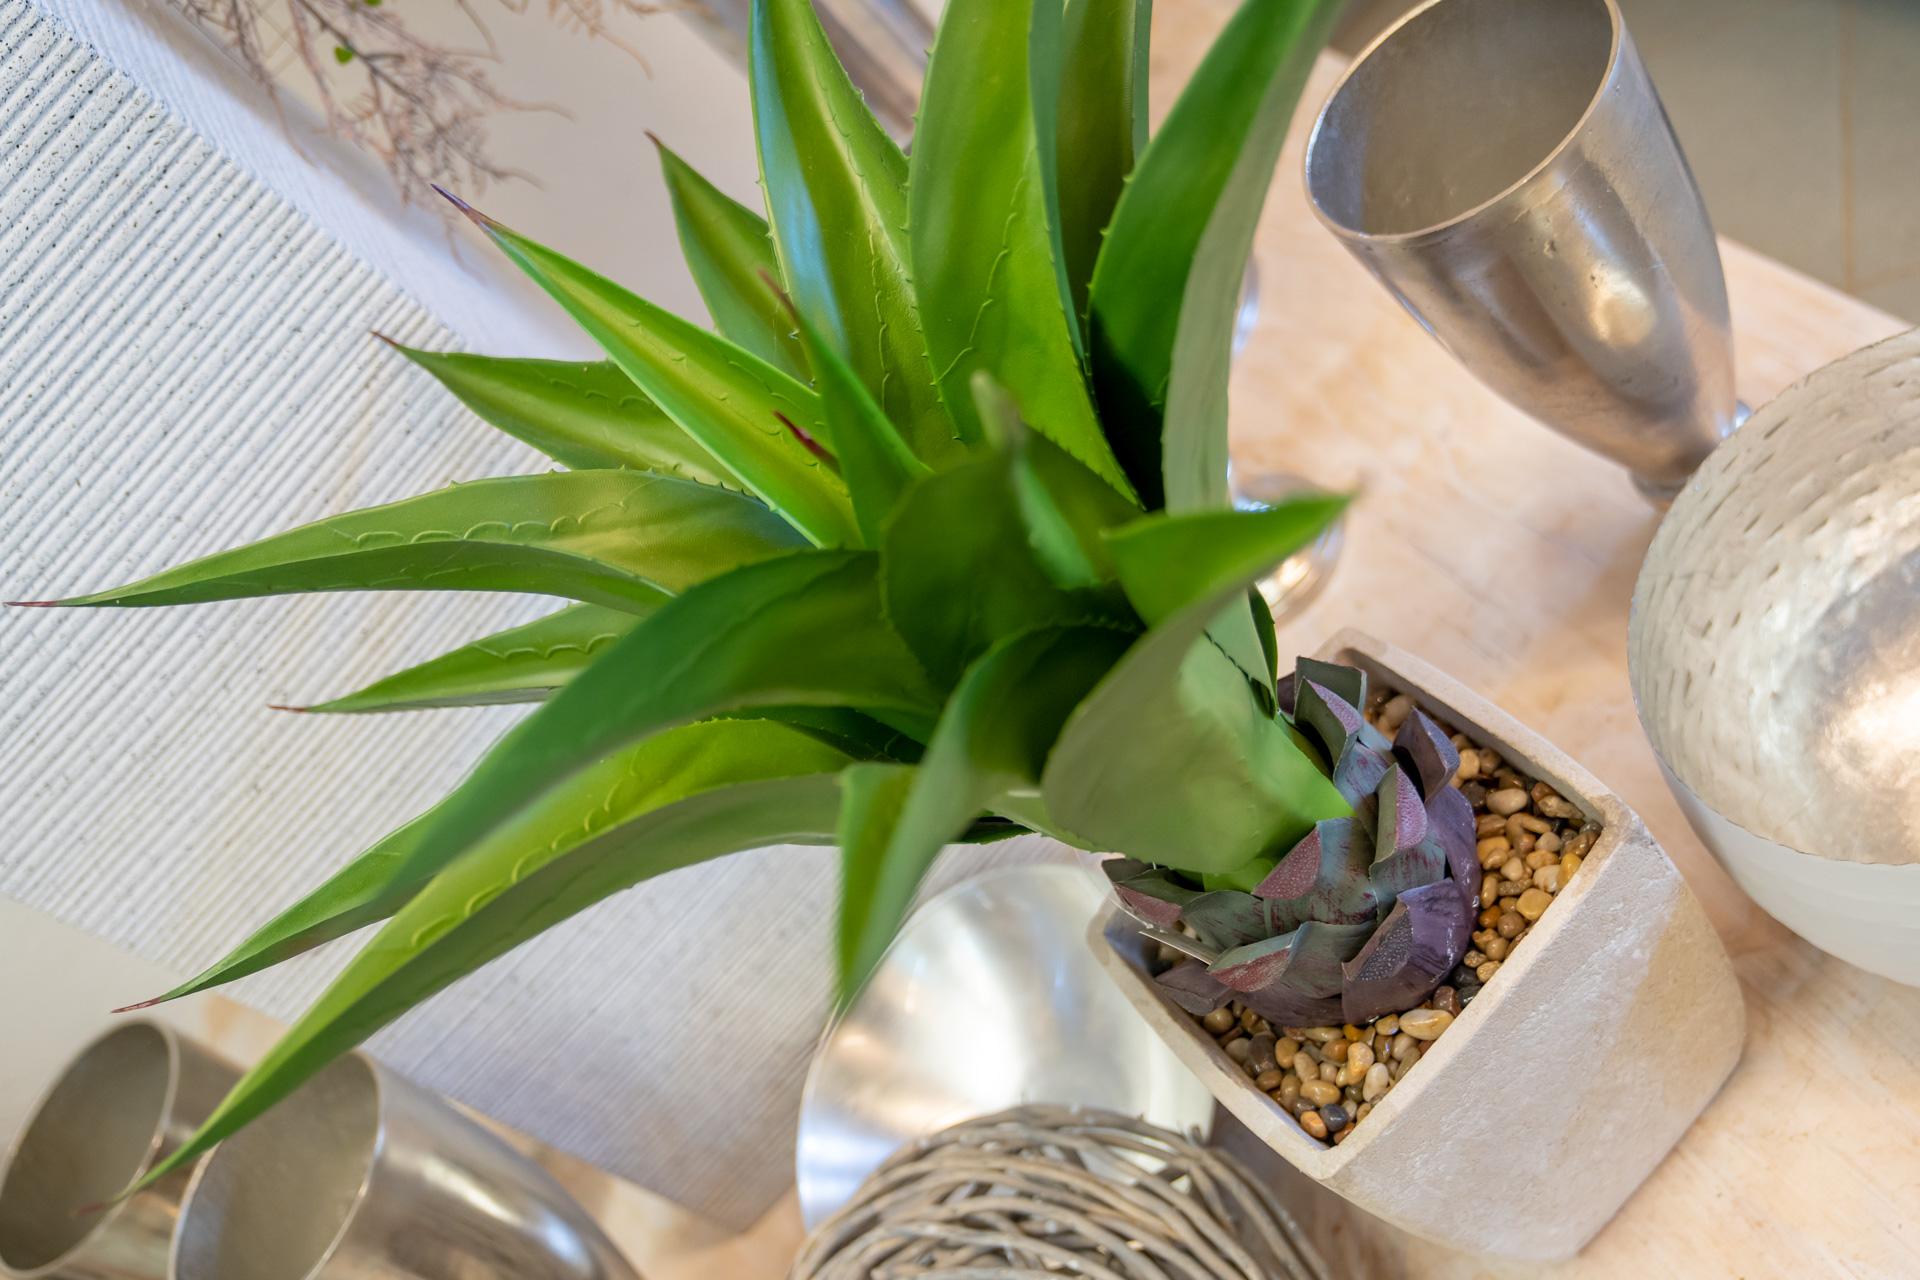 Immergrüne Zimmerpflanzen reinigen die Luft